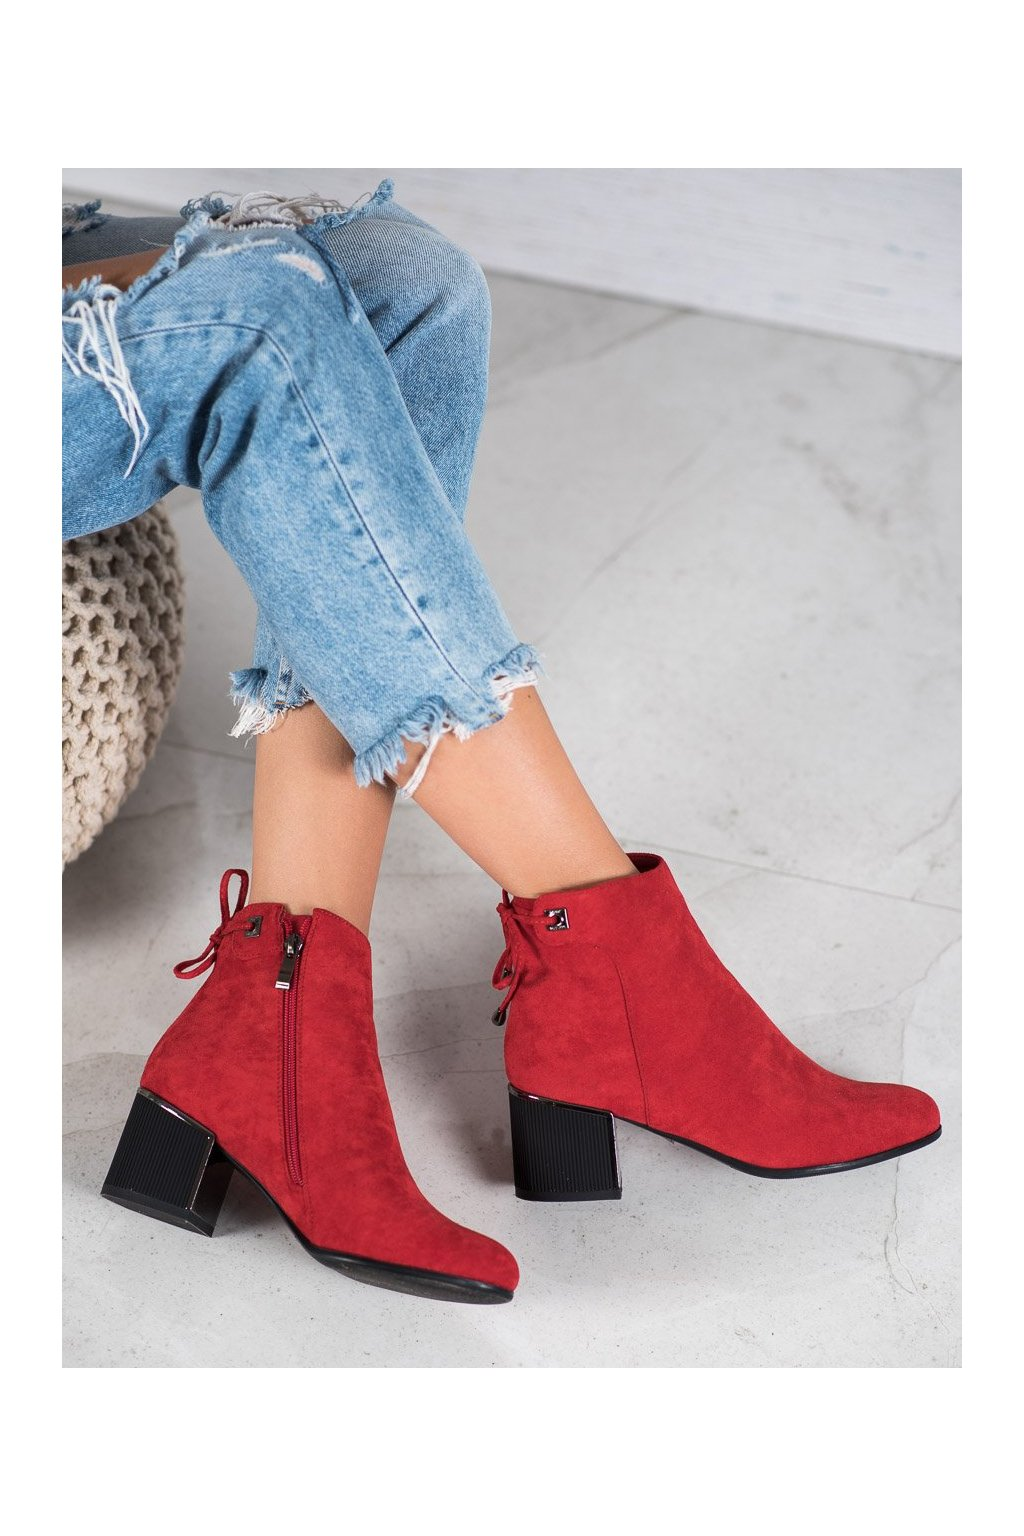 Červené dámske topánky Goodin kod GD-FL2005R